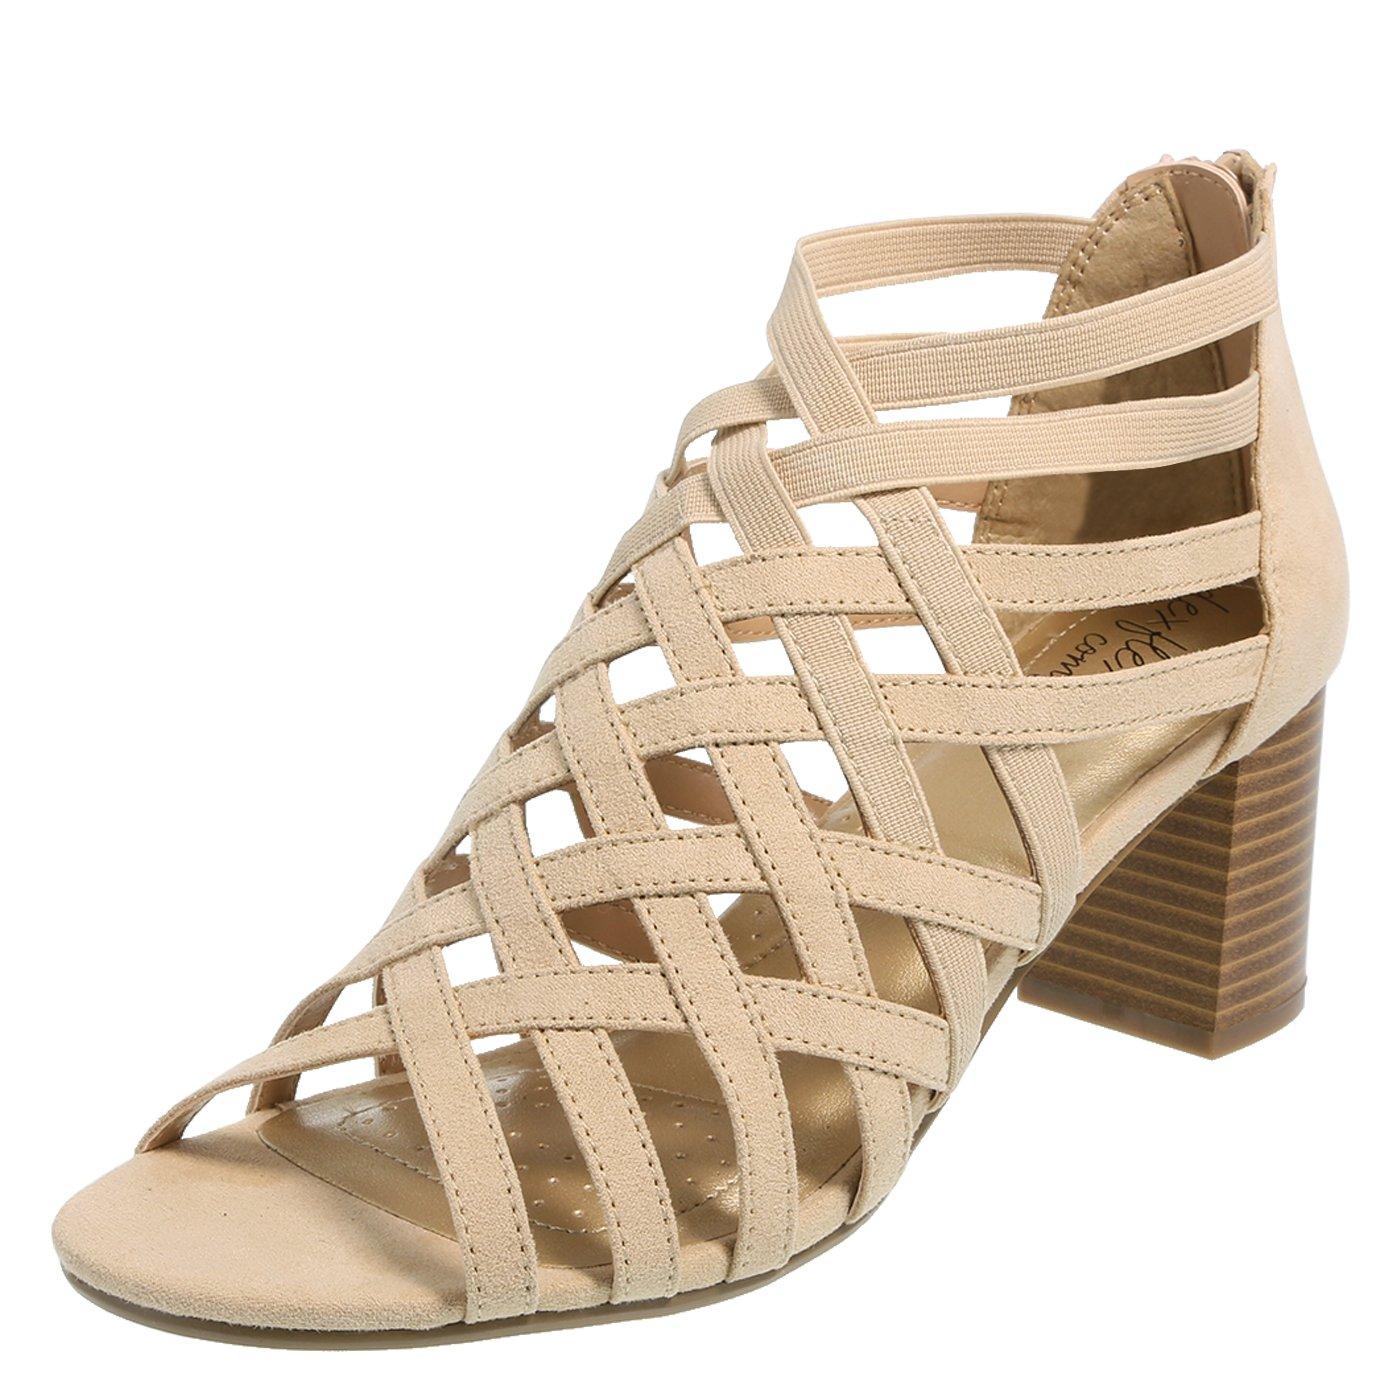 dexflex Comfort Nude Women's Trista Caged-Heel Sandal 5.5 Regular